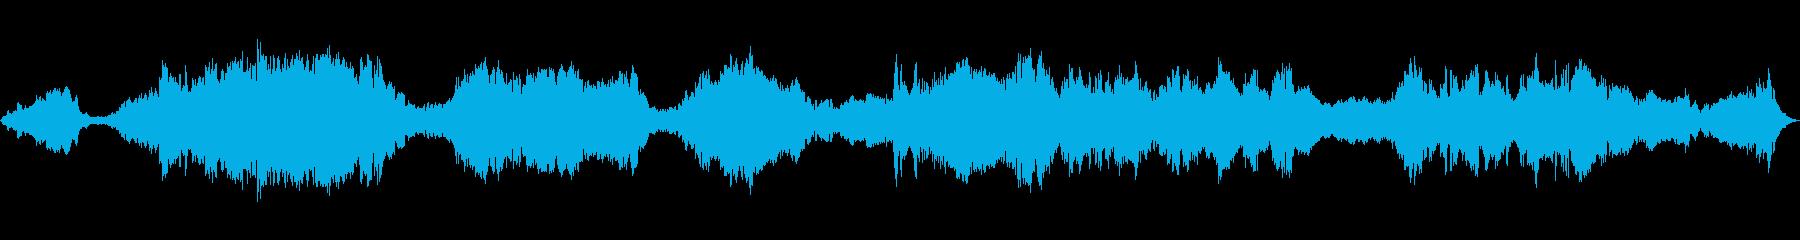 ランダム送信、無線エイリアン、宇宙送信の再生済みの波形